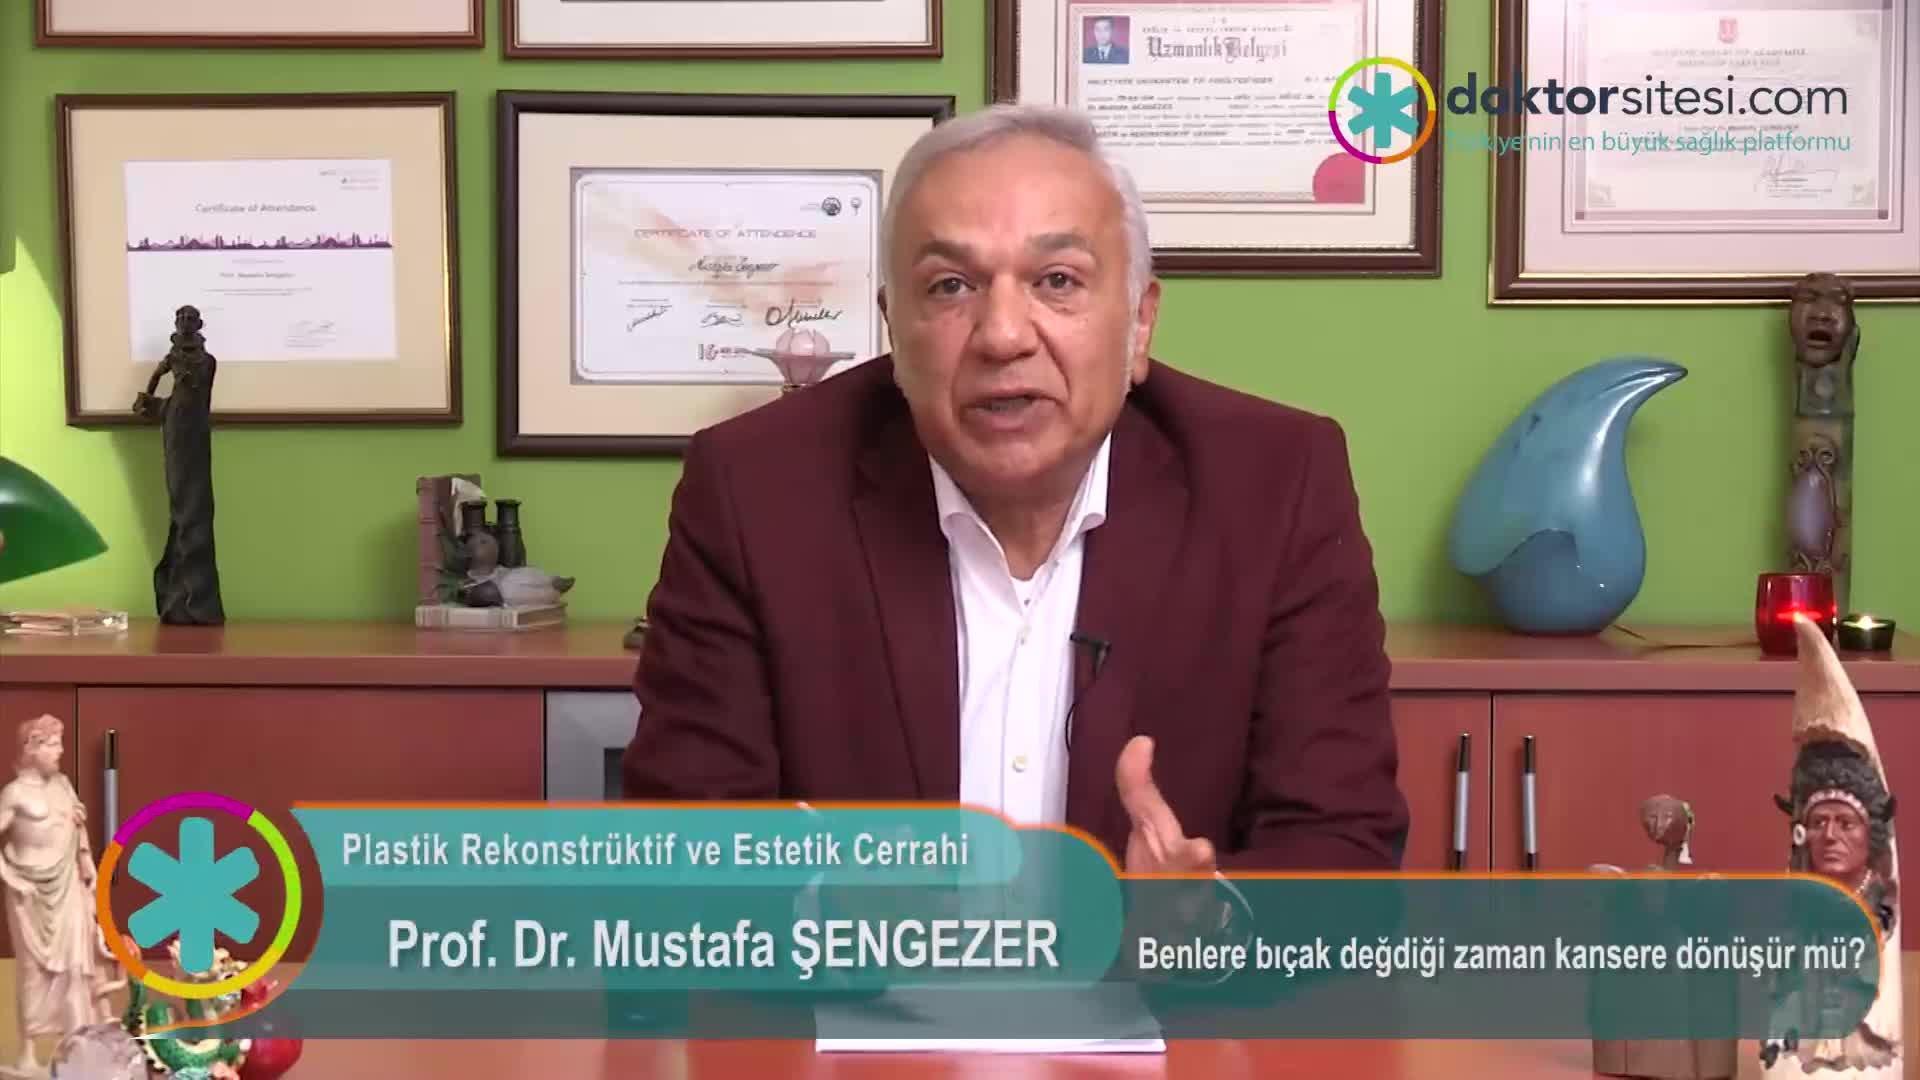 """Benlere bıçak değdiği zaman kansere dönüşür mü? """"Prof. Dr. Mustafa  ŞENGEZER"""""""